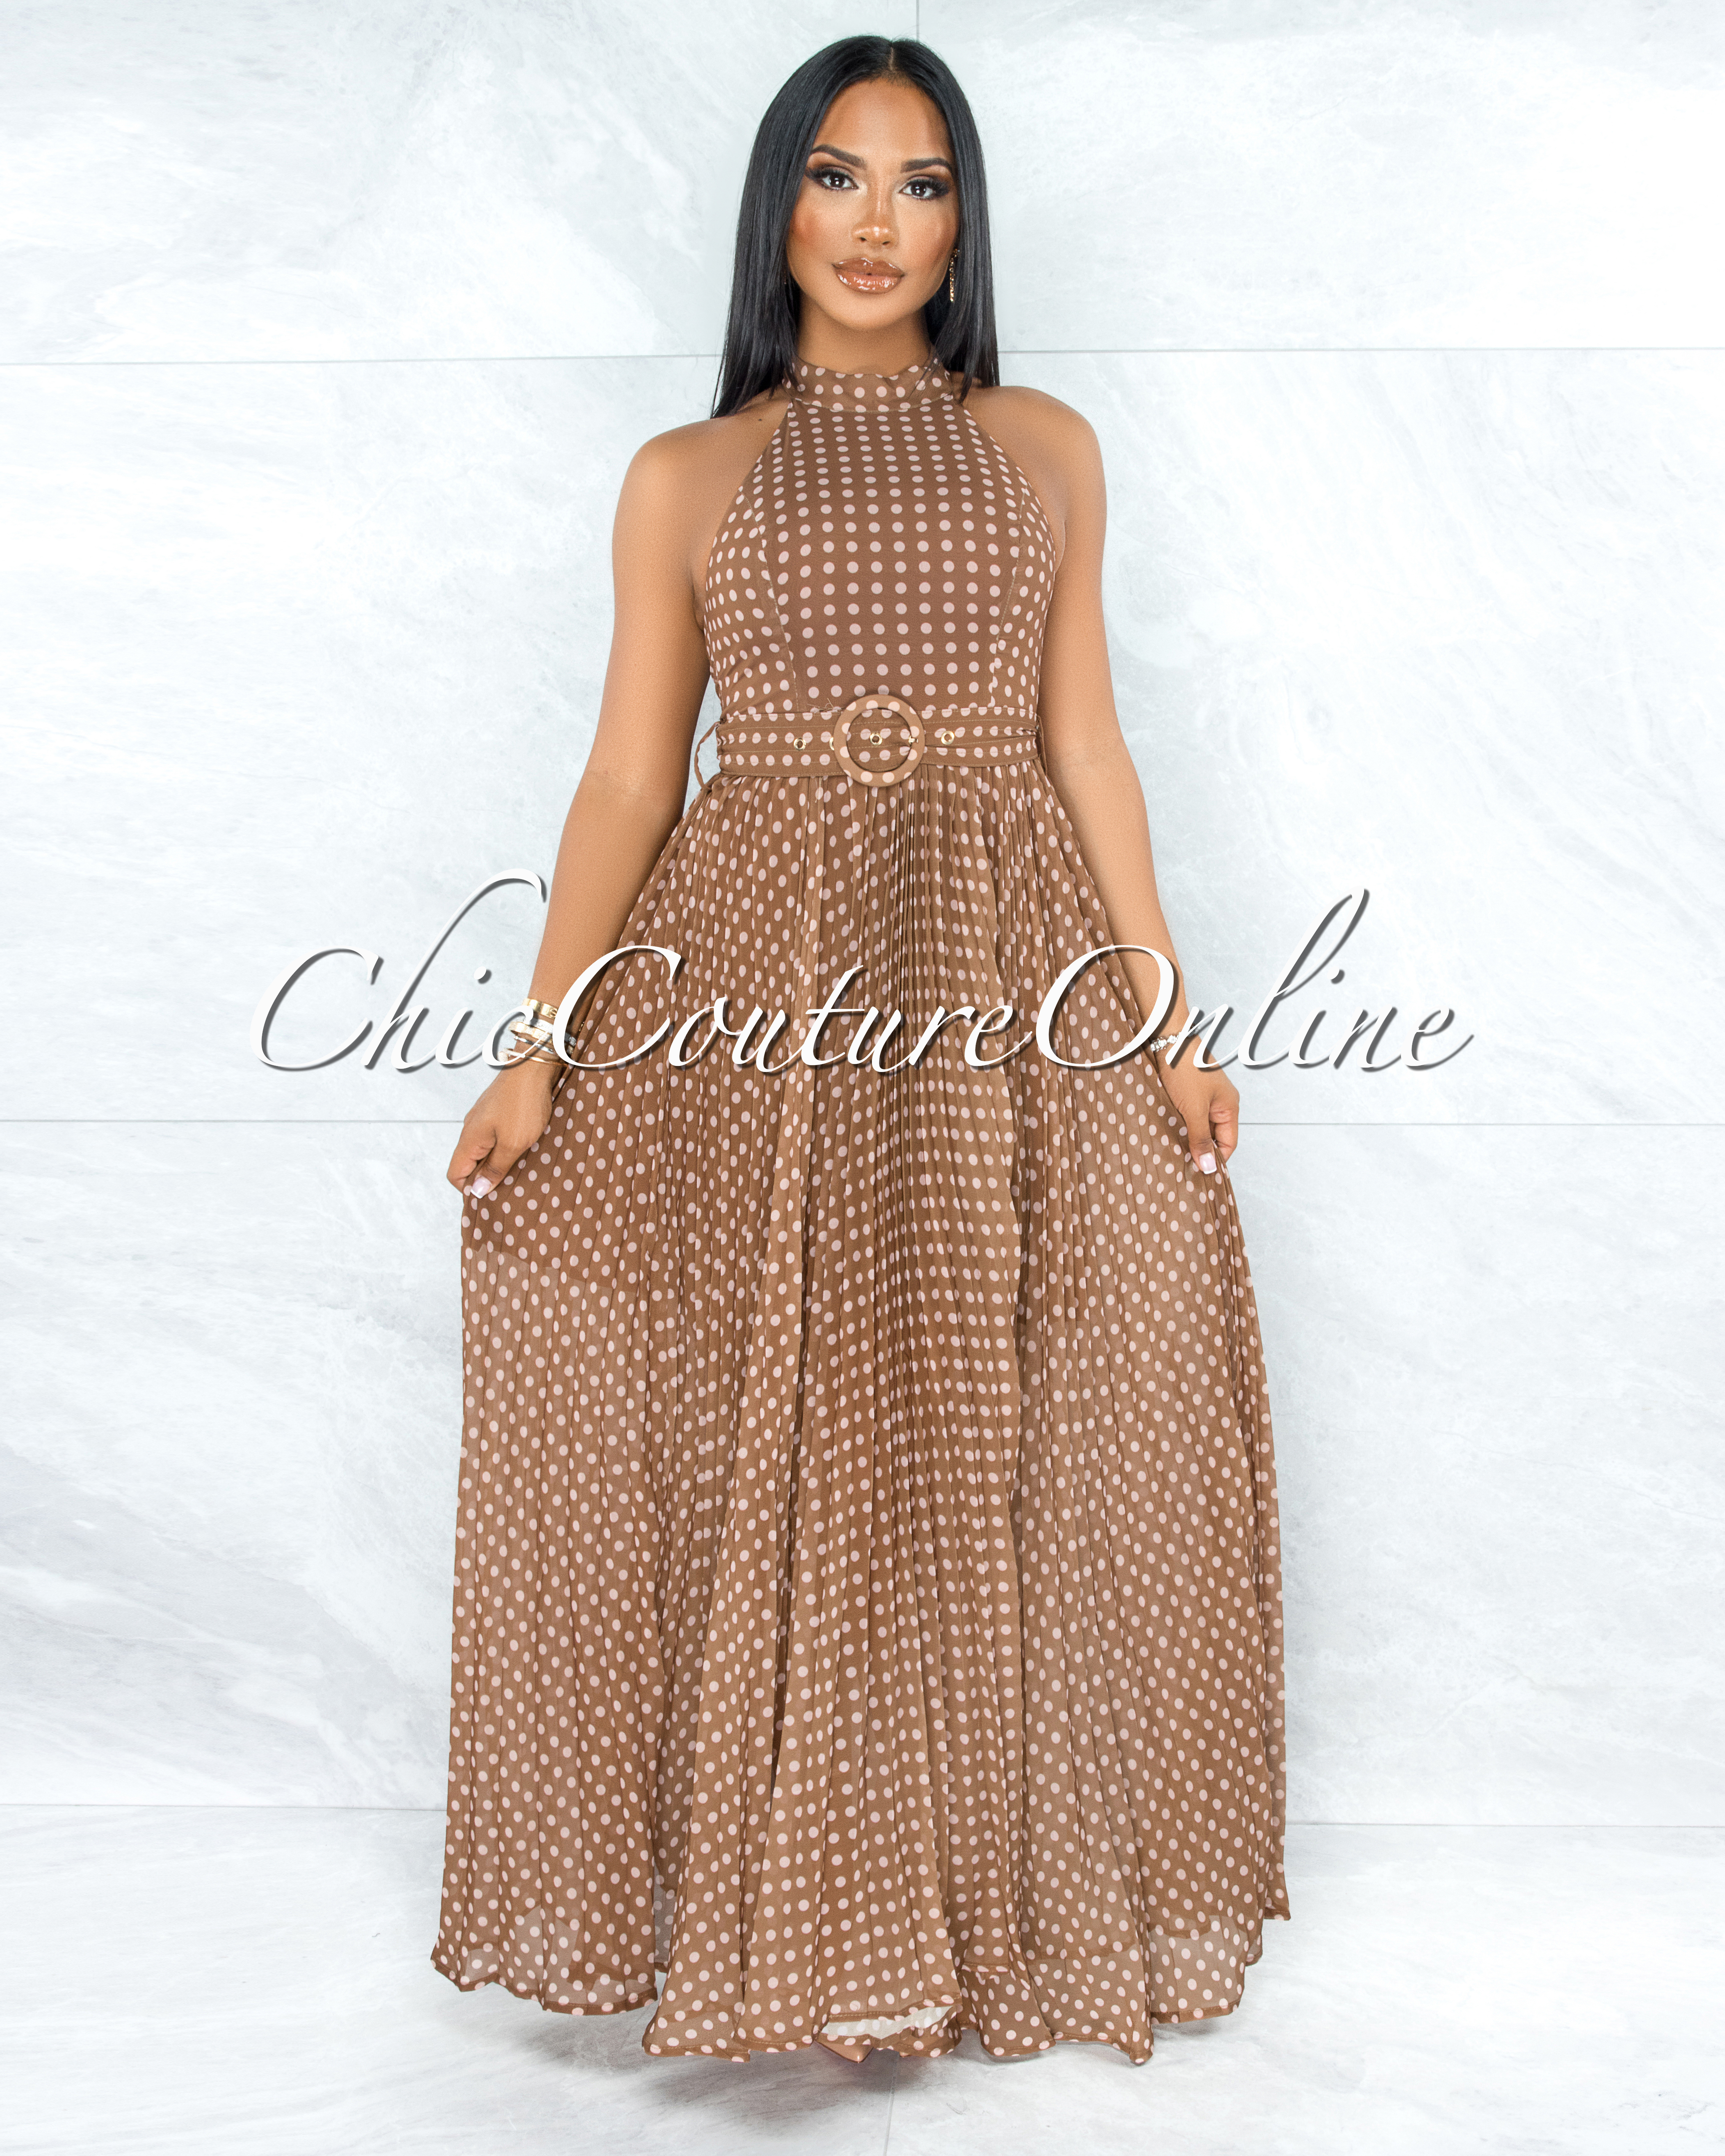 Quella Brown Polka Dots Matching Belt Pleated Maxi Dress